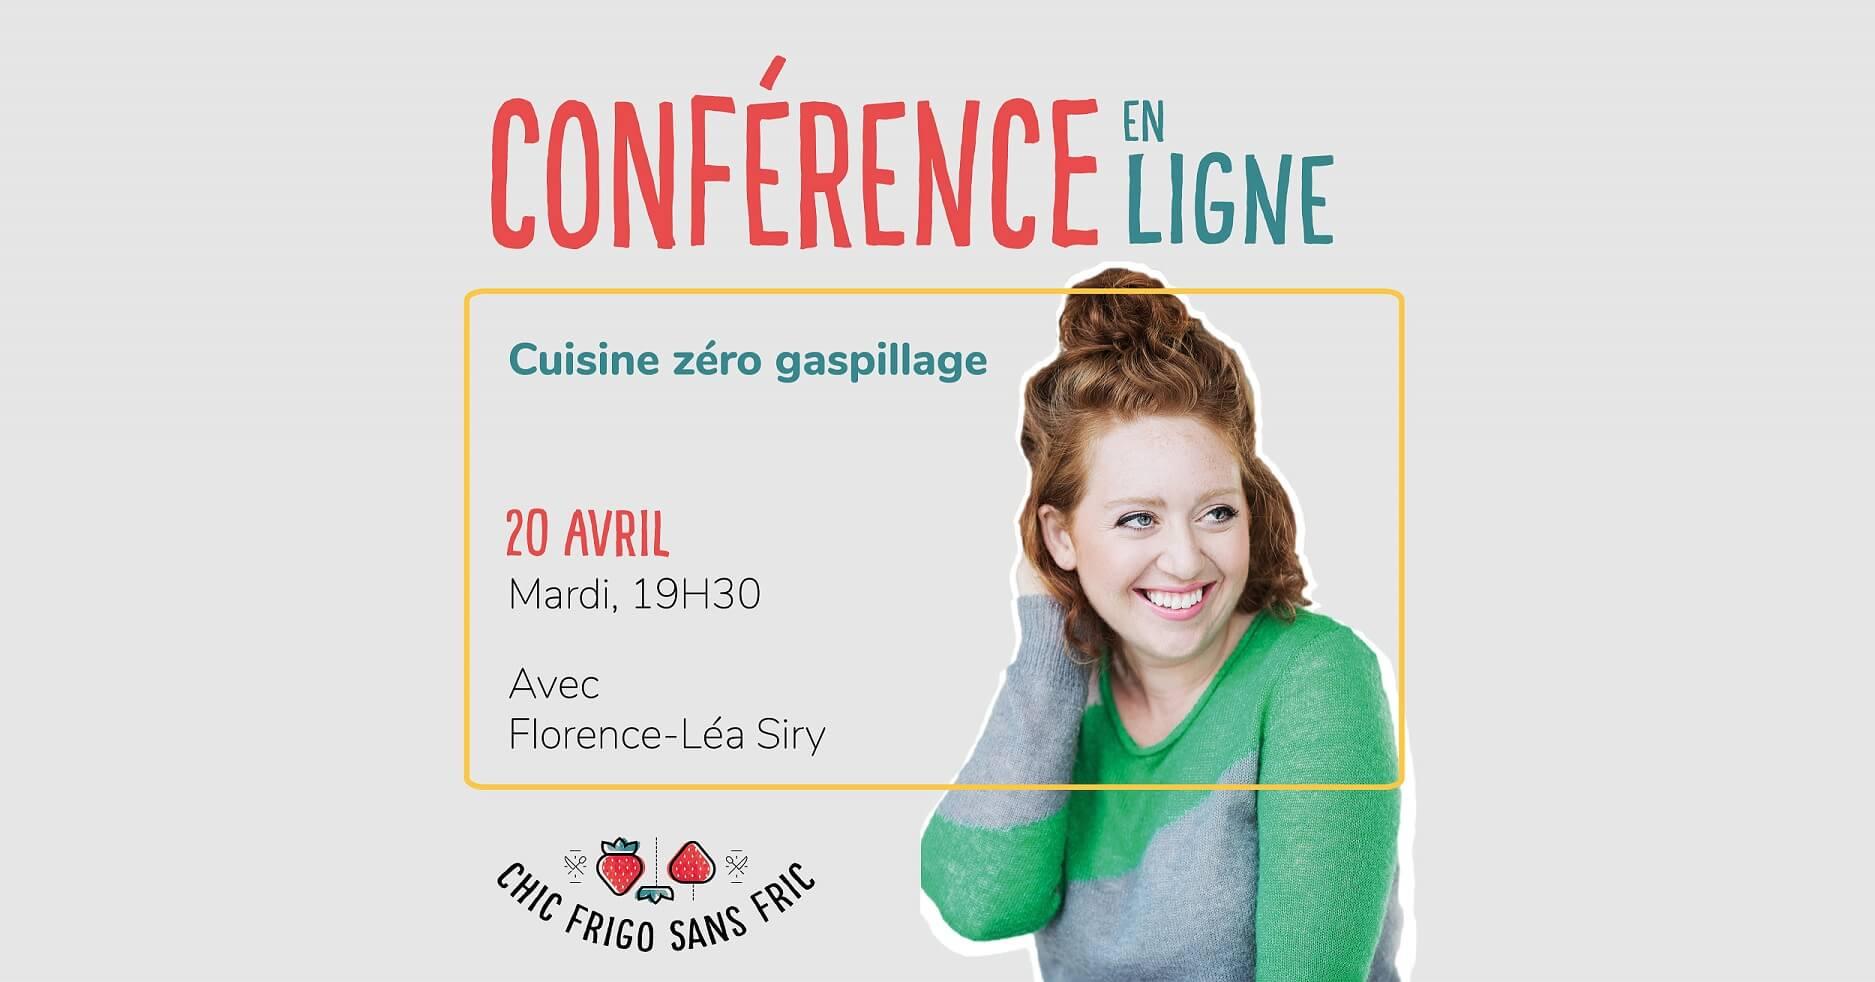 Conférence zéro gaspillage du 20 avril